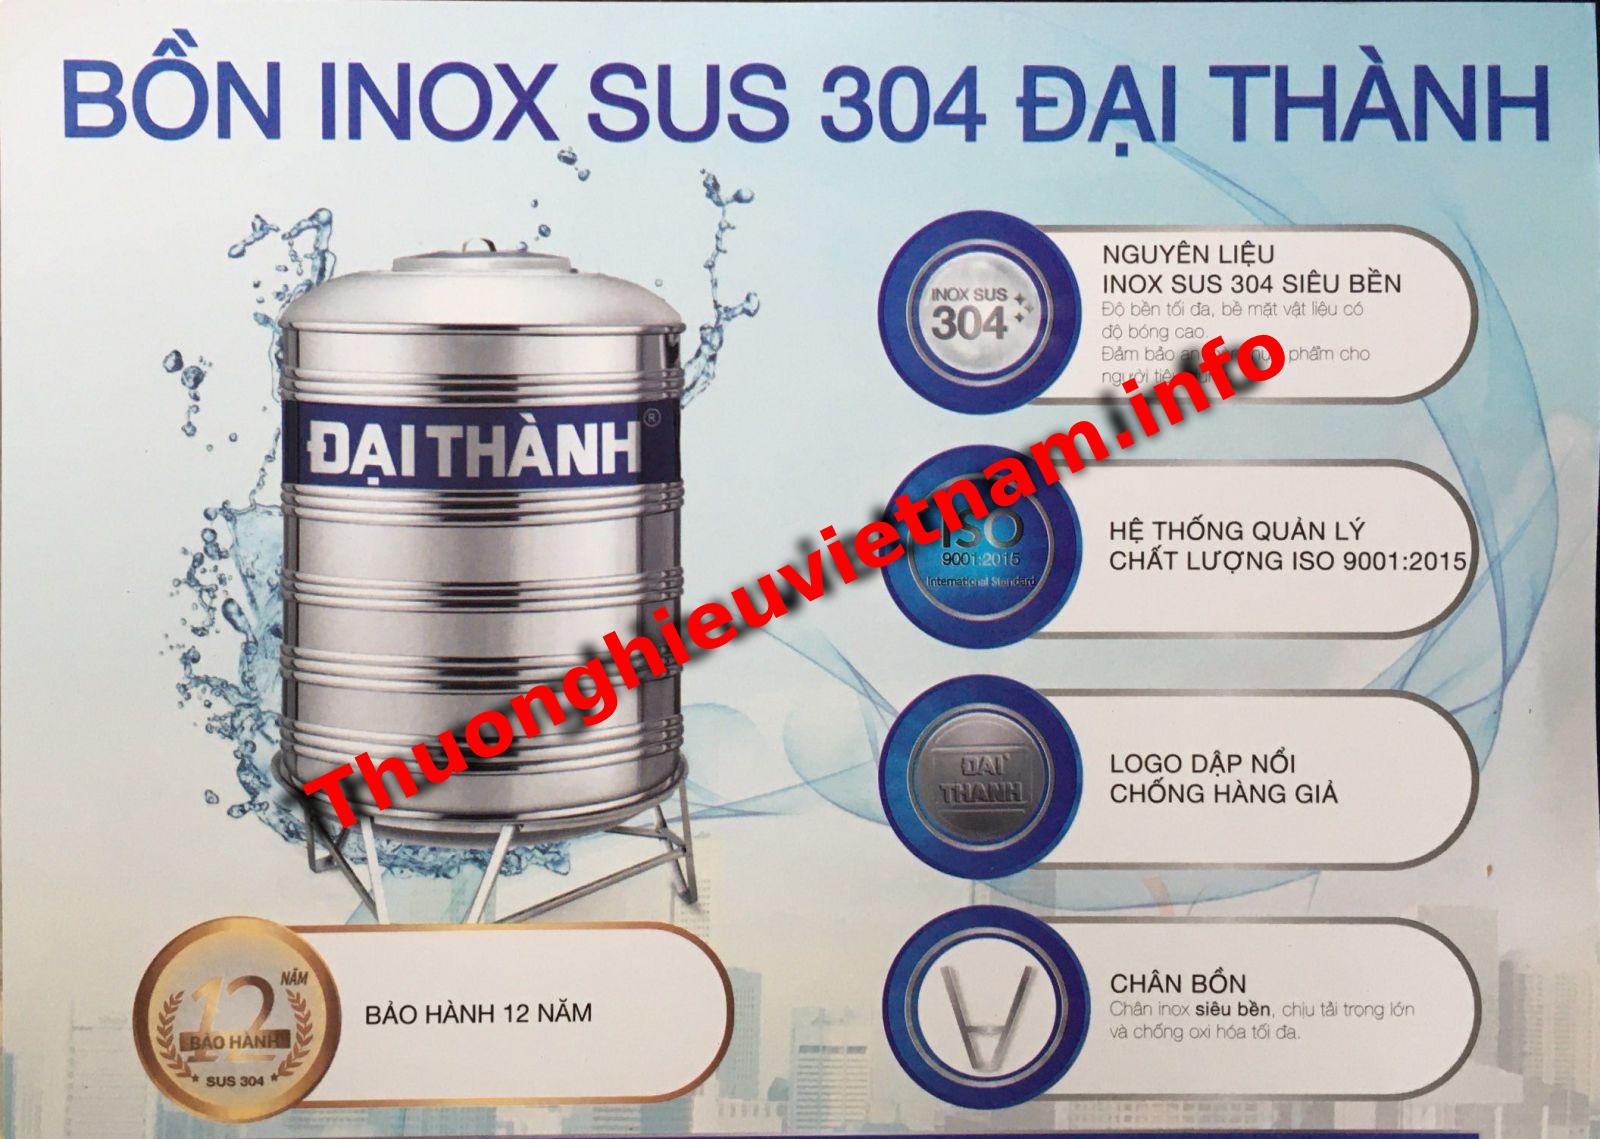 Sản phẩm bồn nước Tân Á Đại Thành 1000 lít